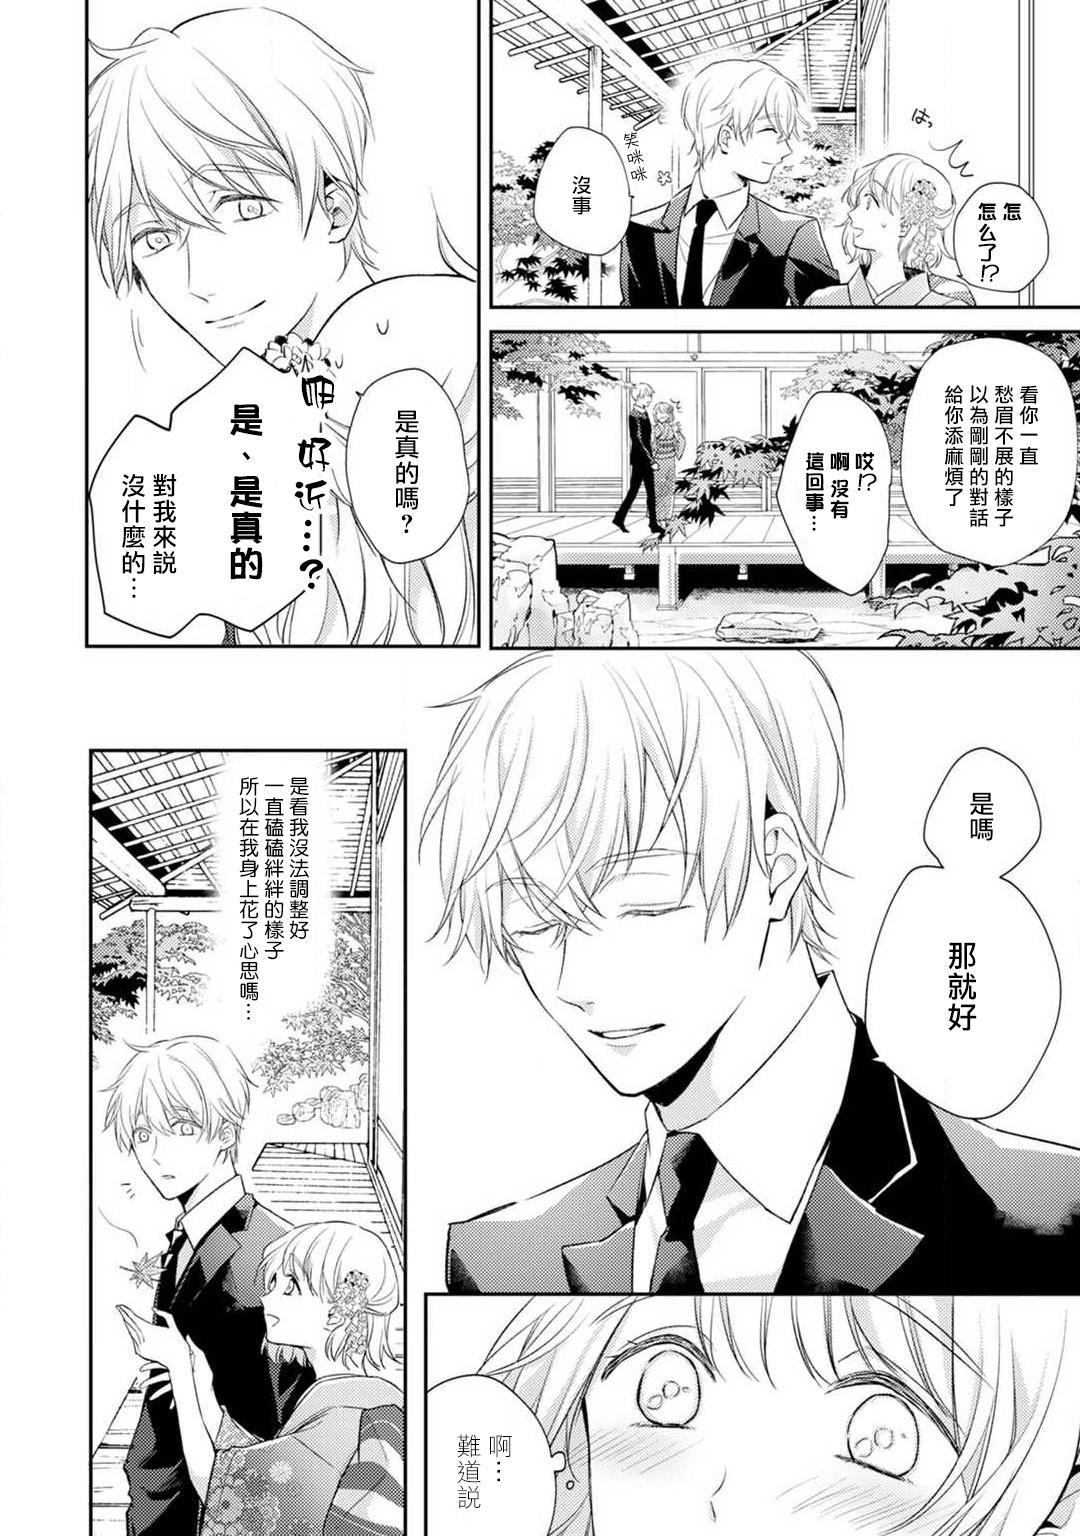 [Shichigatsu Motomi]  Sonna Kao shite, Sasotteru? ~Dekiai Shachou to Migawari Omiaikekkon!?~ 1-11  這種表情,在誘惑我嗎?~溺愛社長和替身相親結婚!? [Chinese] [拾荒者汉化组] 12